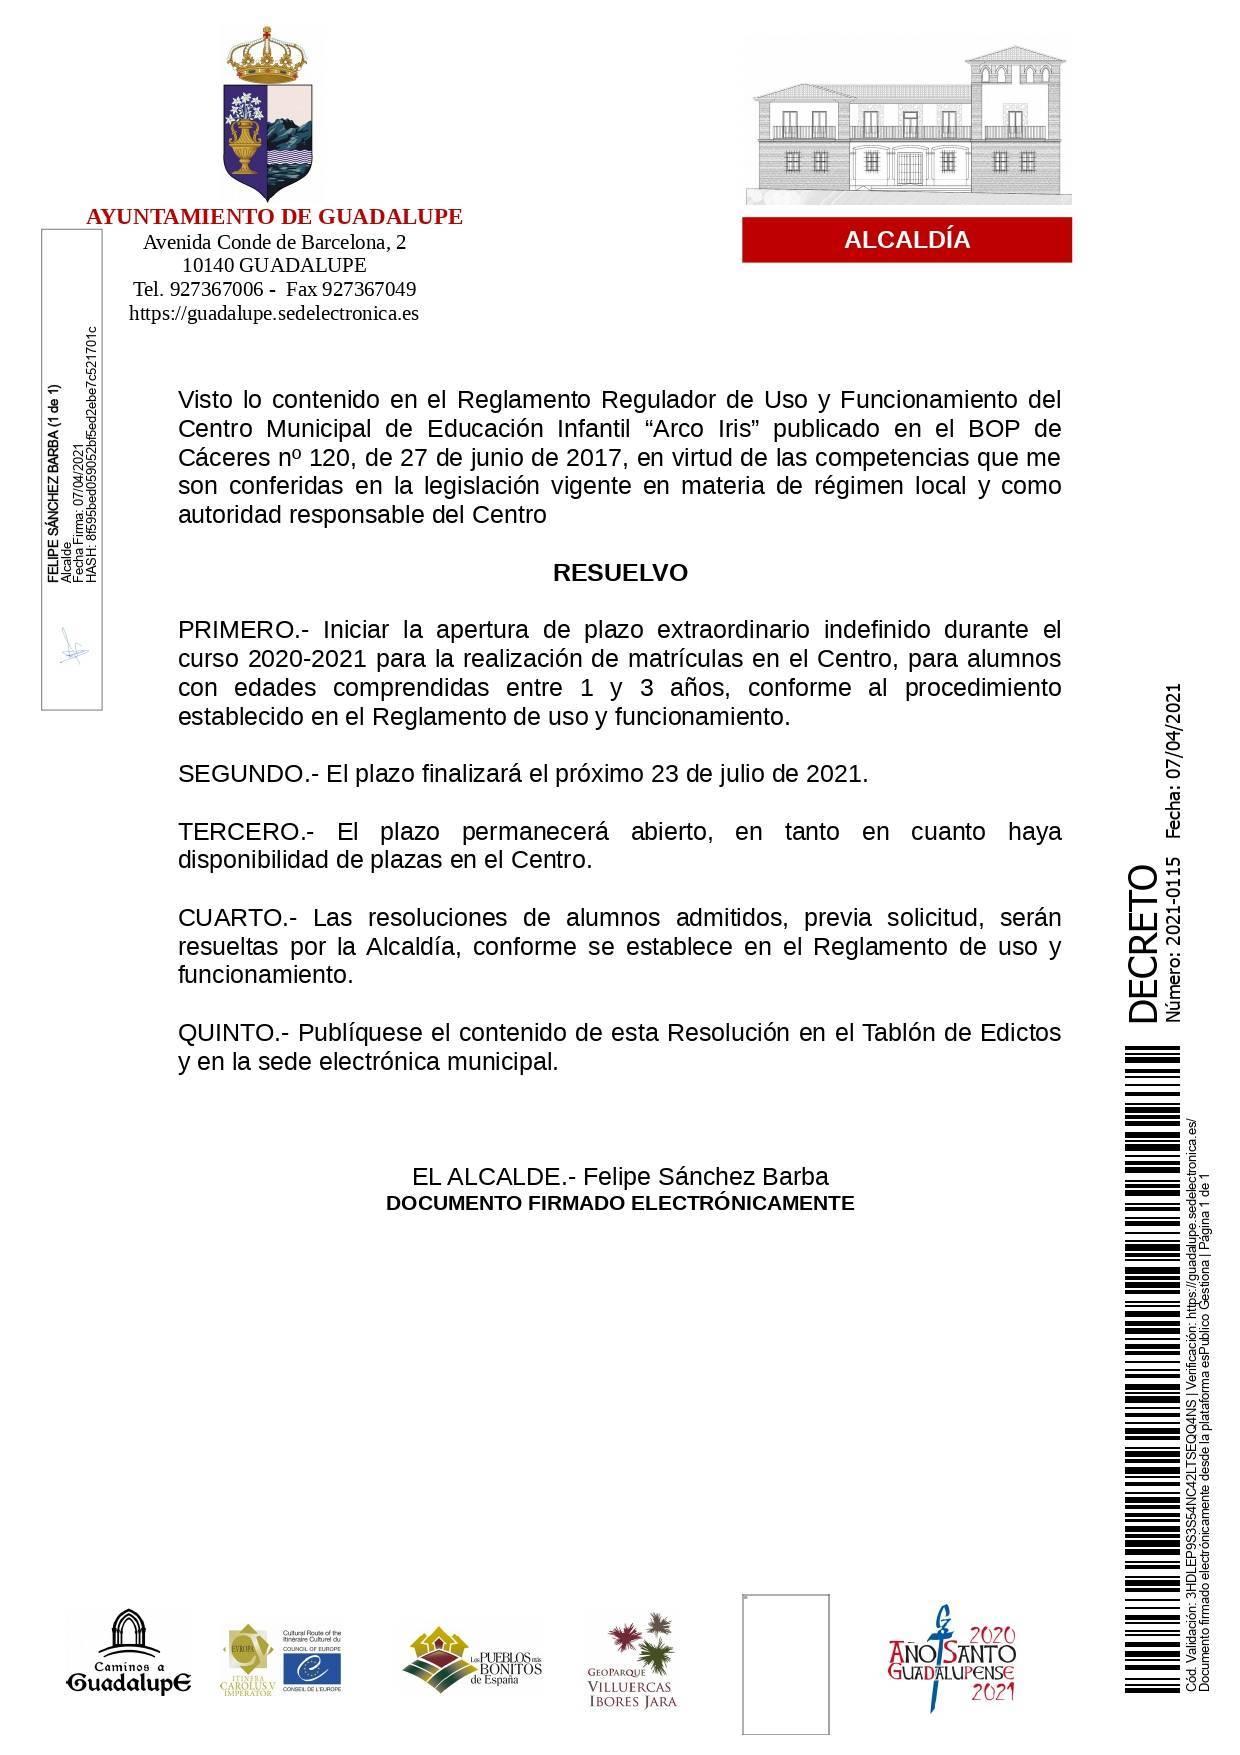 Apertura de plazo extraordinario de la guardería (2021) - Guadalupe (Cáceres)